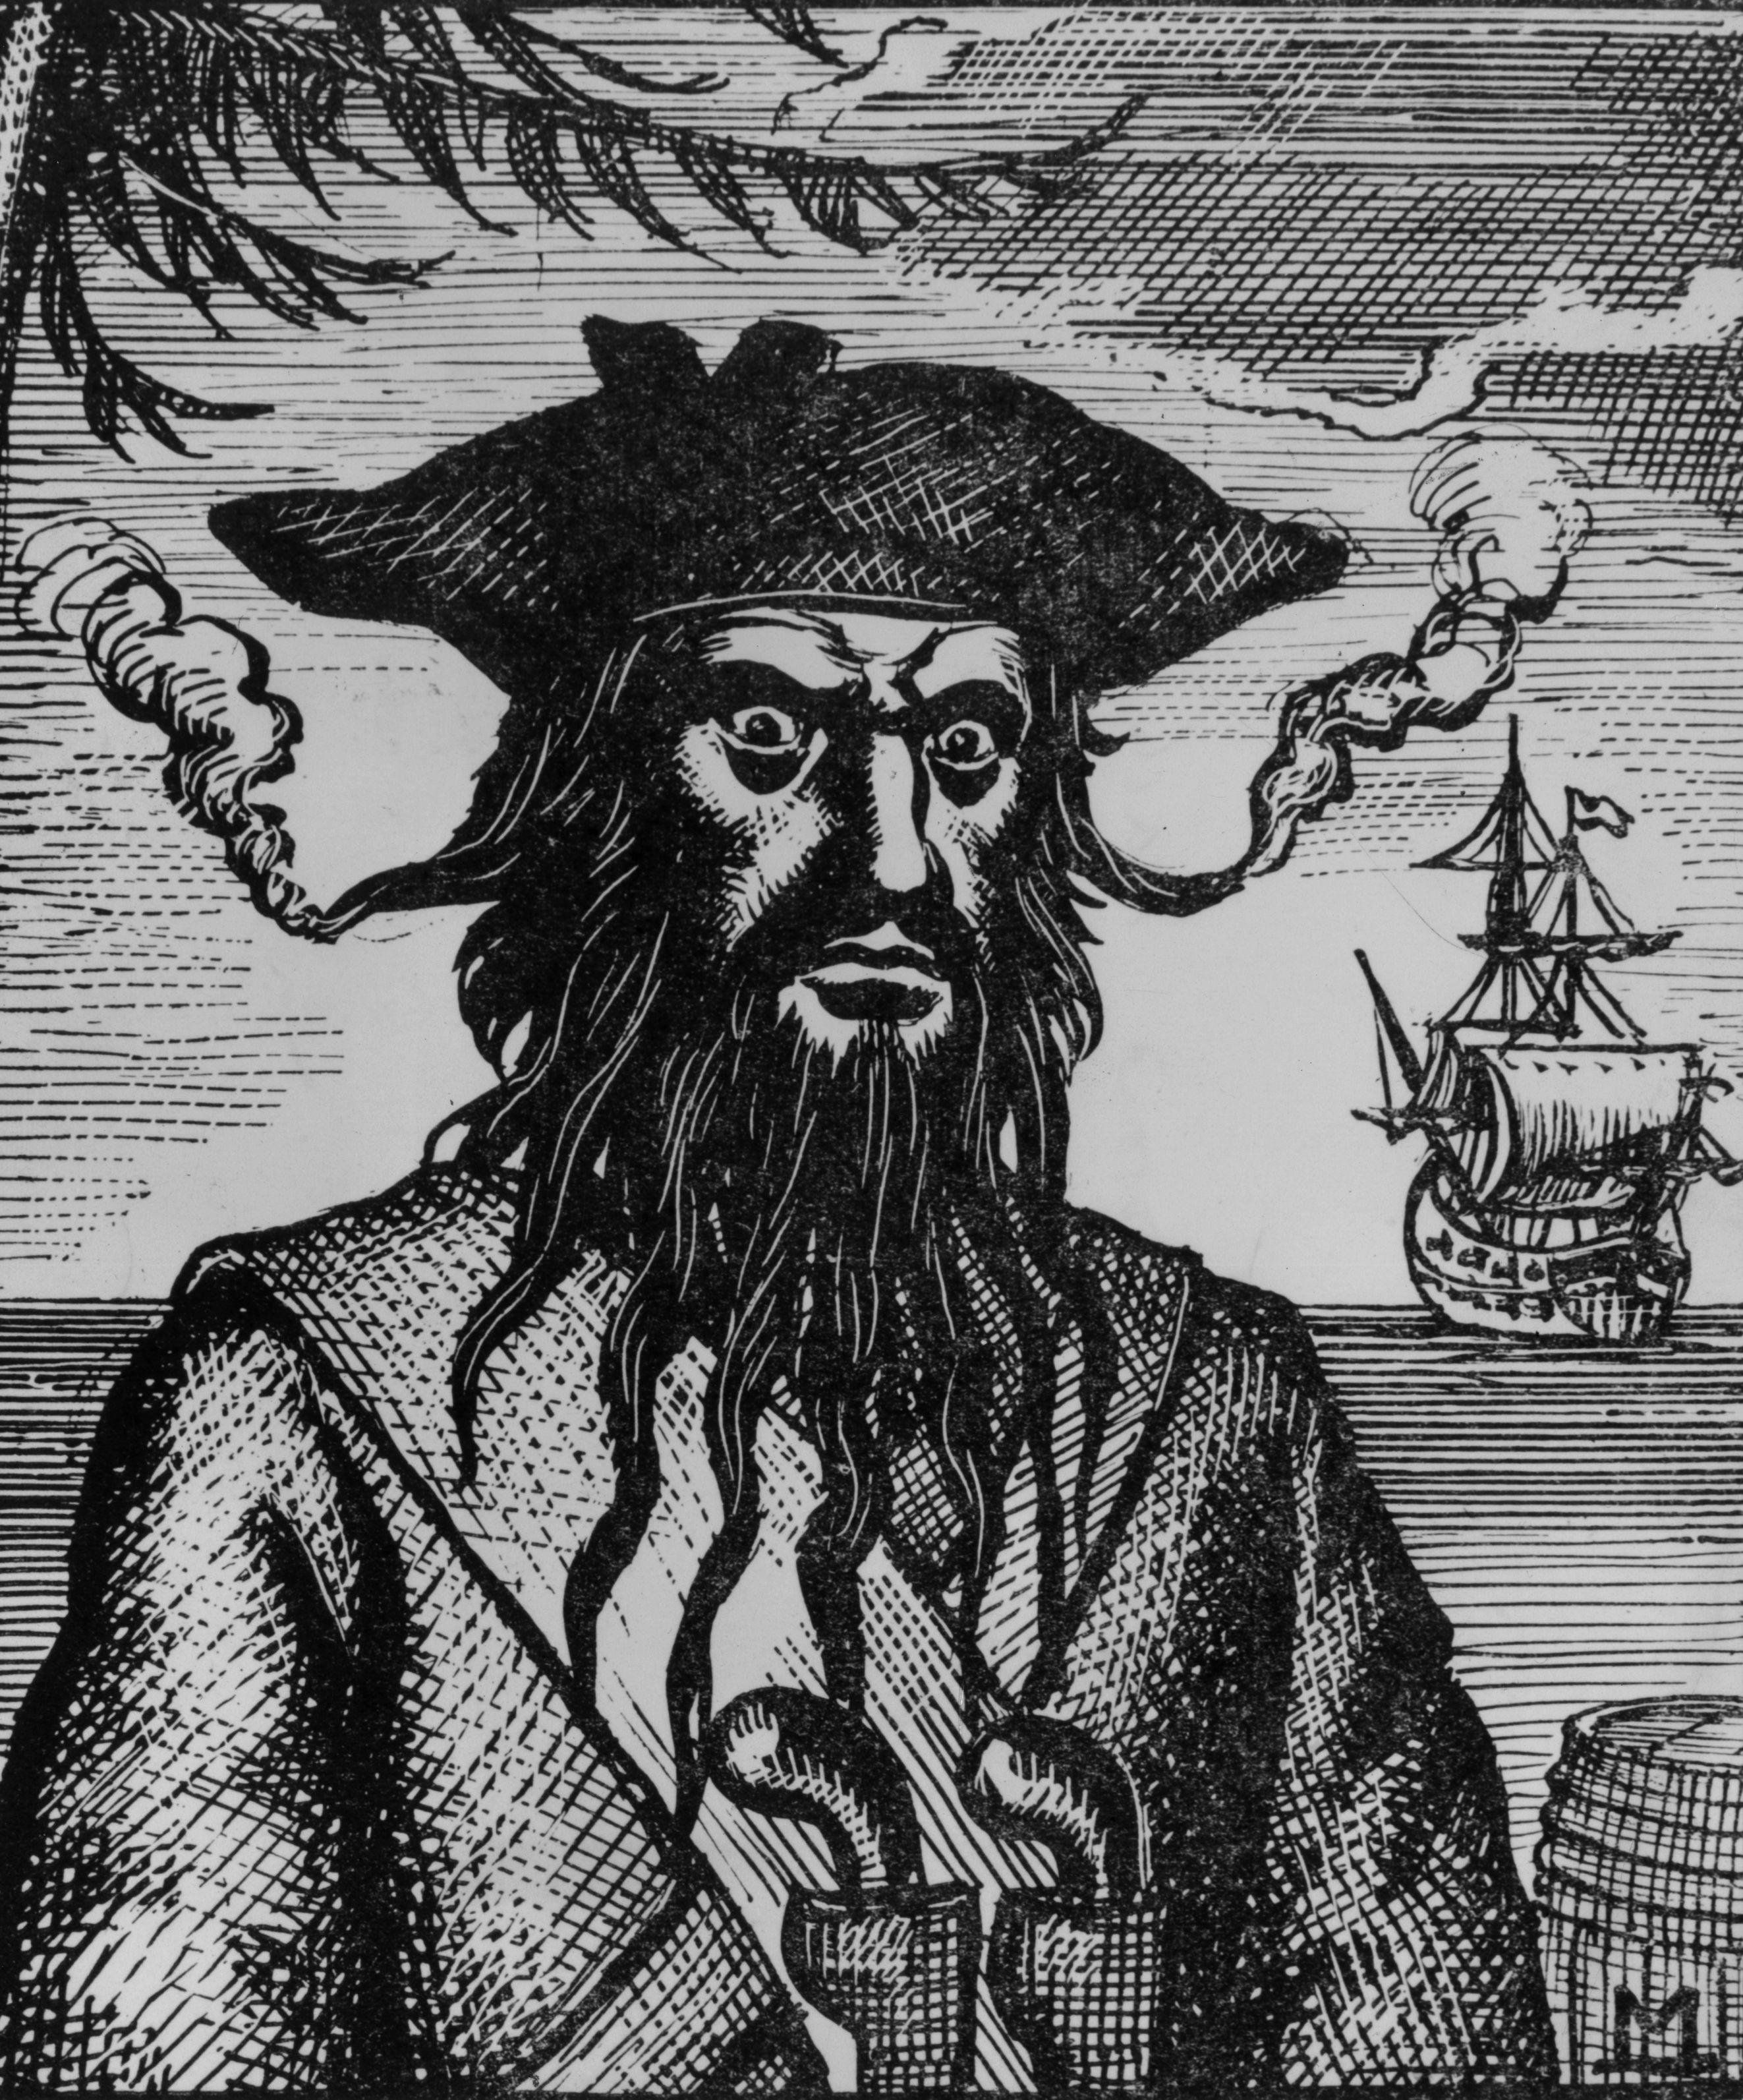 Edward Teach, AKA Blackbeard